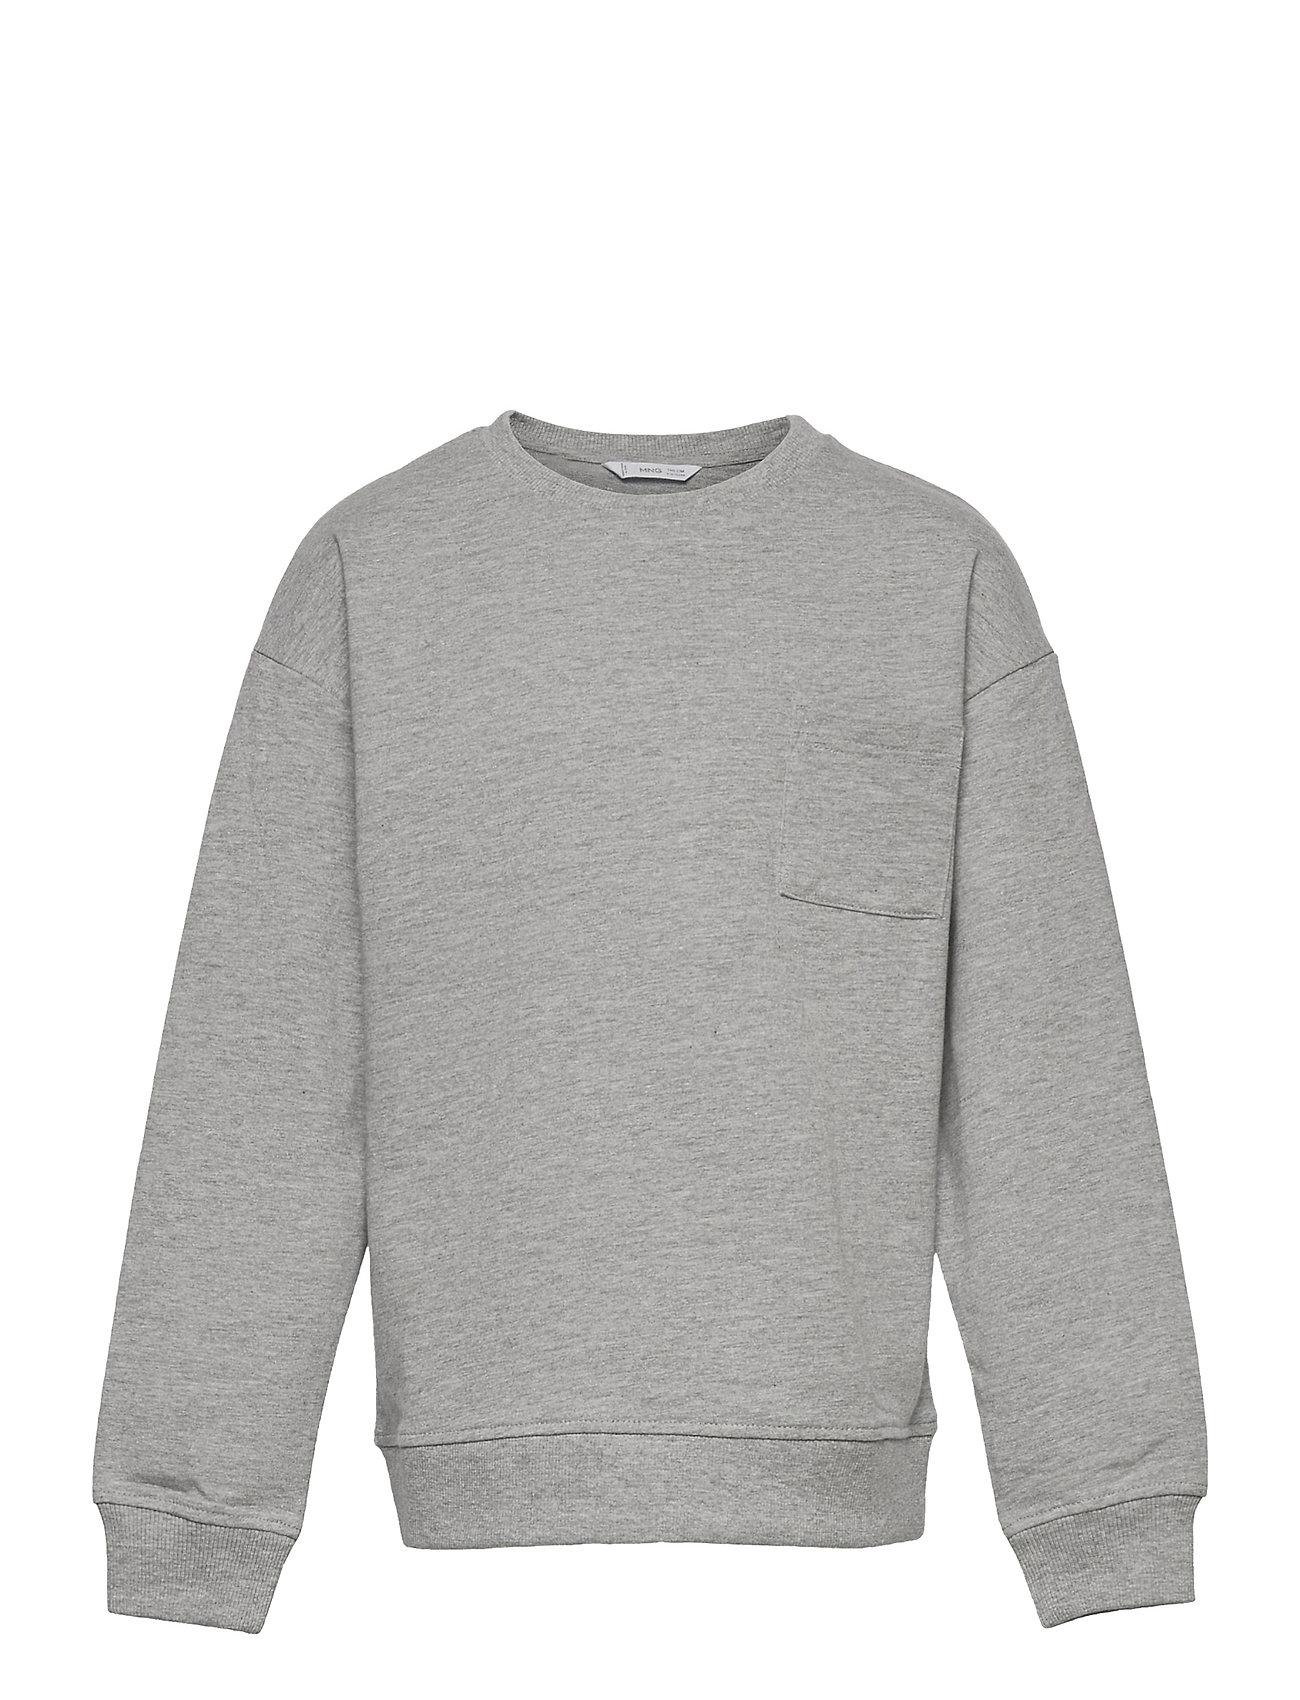 Crew1 Sweatshirt Trøje Grå Mango